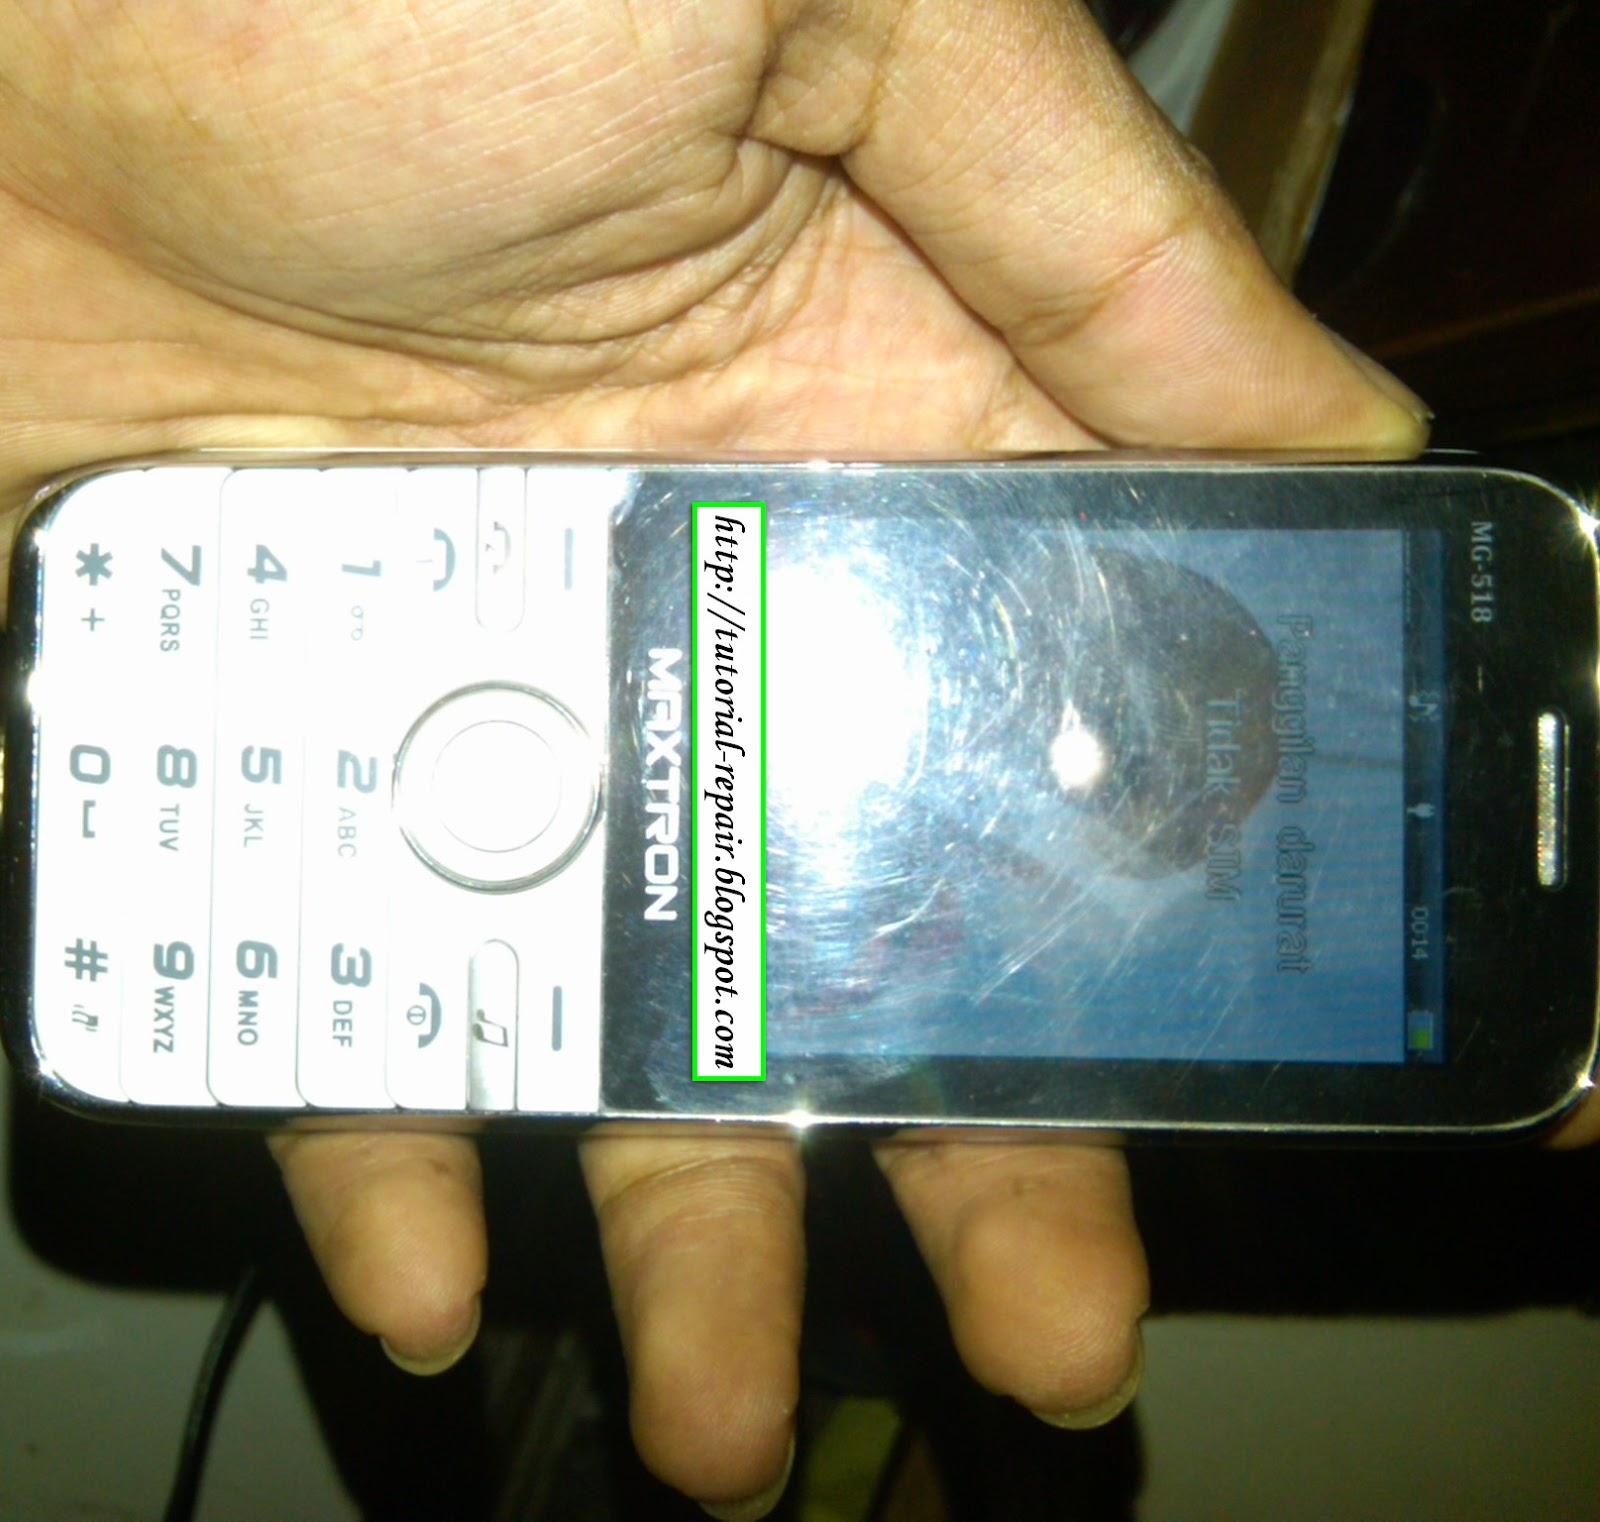 firmware maxtron mg518 cpu mstar gasil read dengan avatorbox dari hp